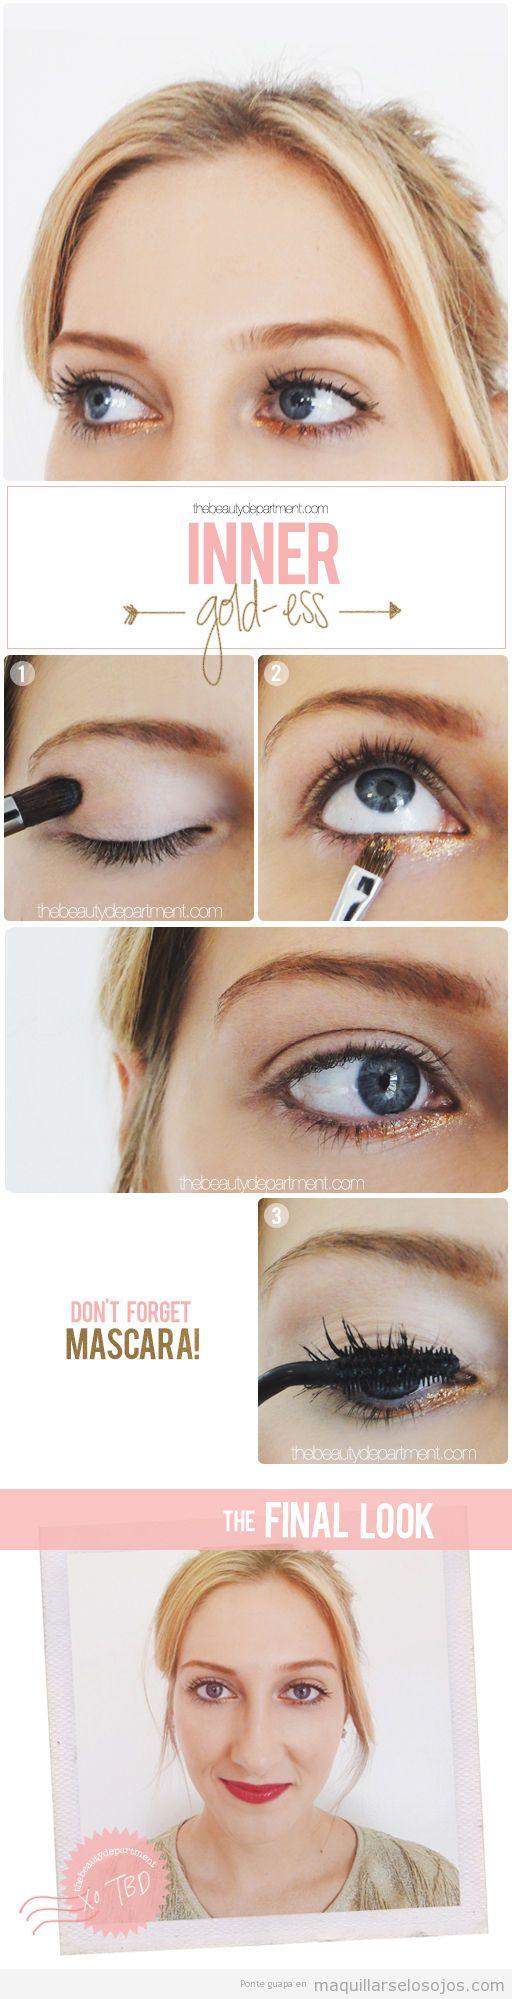 Tutorial maquillaje ojos con párpado inferior dorado